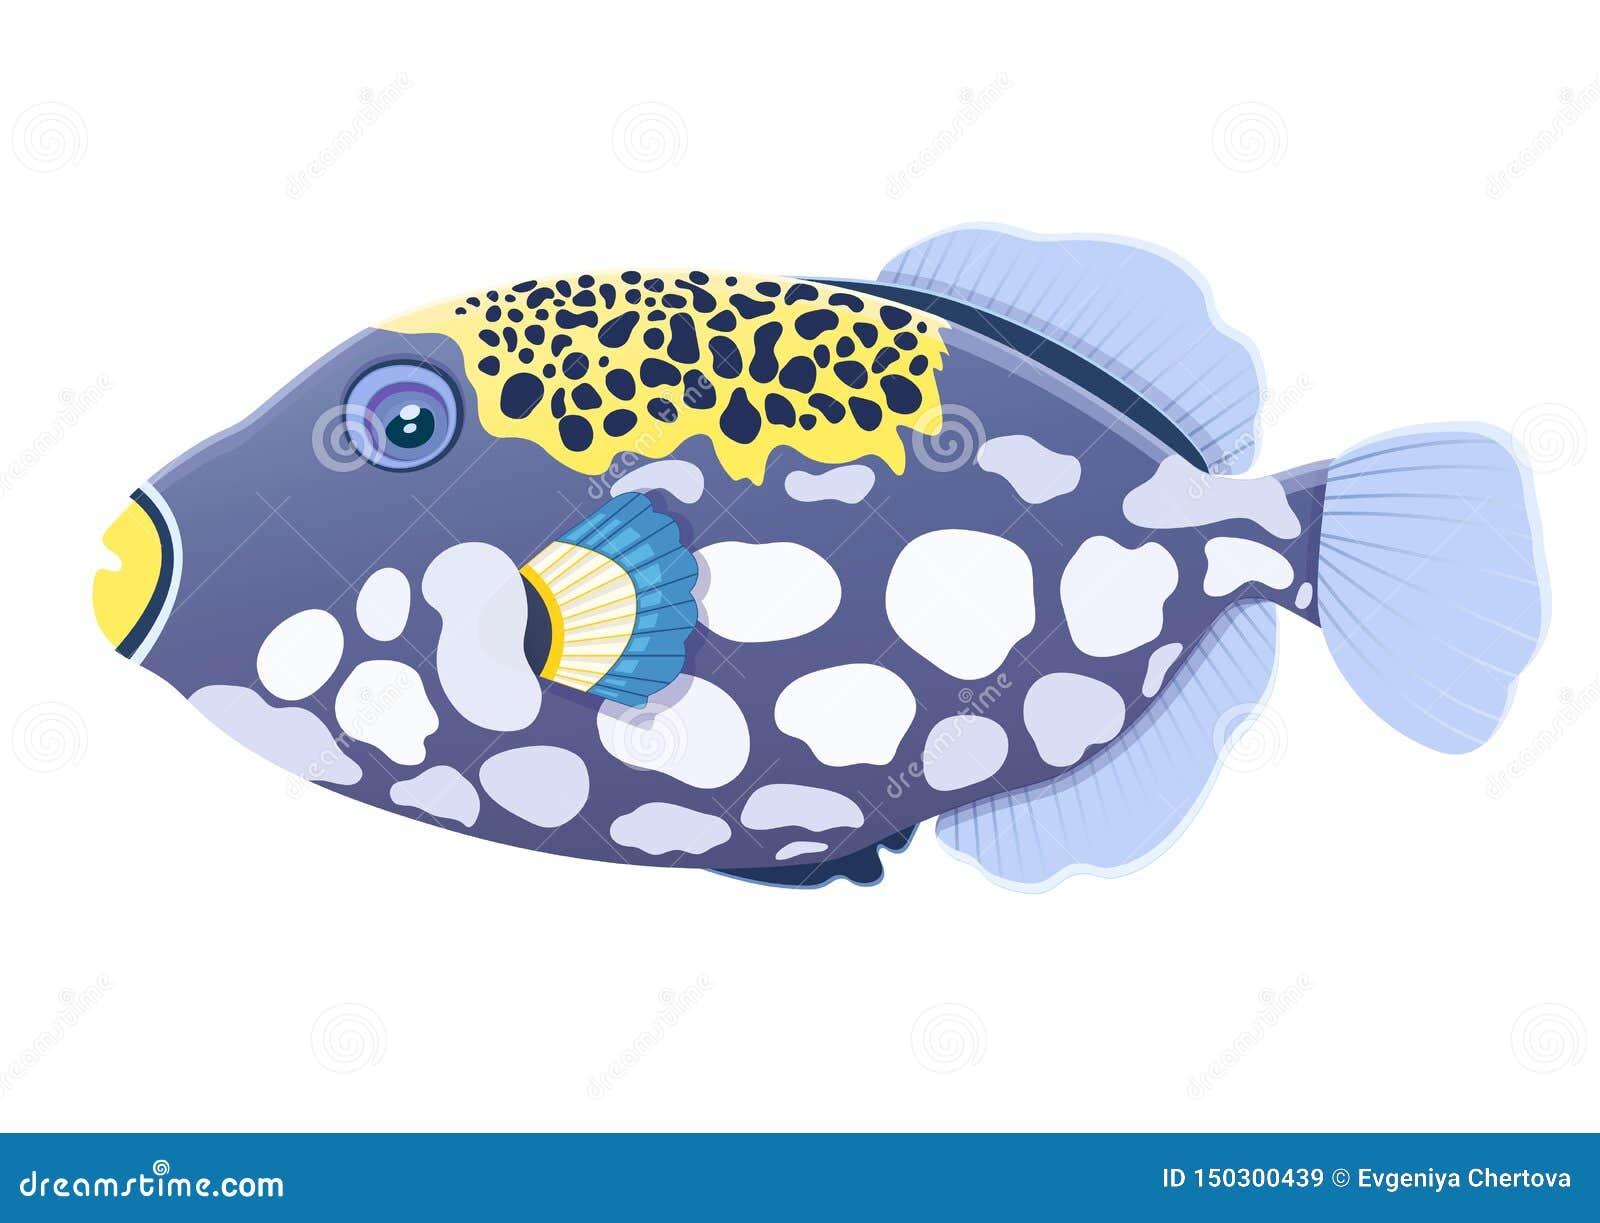 Pagliaccio Del Pesce Del Pesce Balestra Nero Disegno Realistico